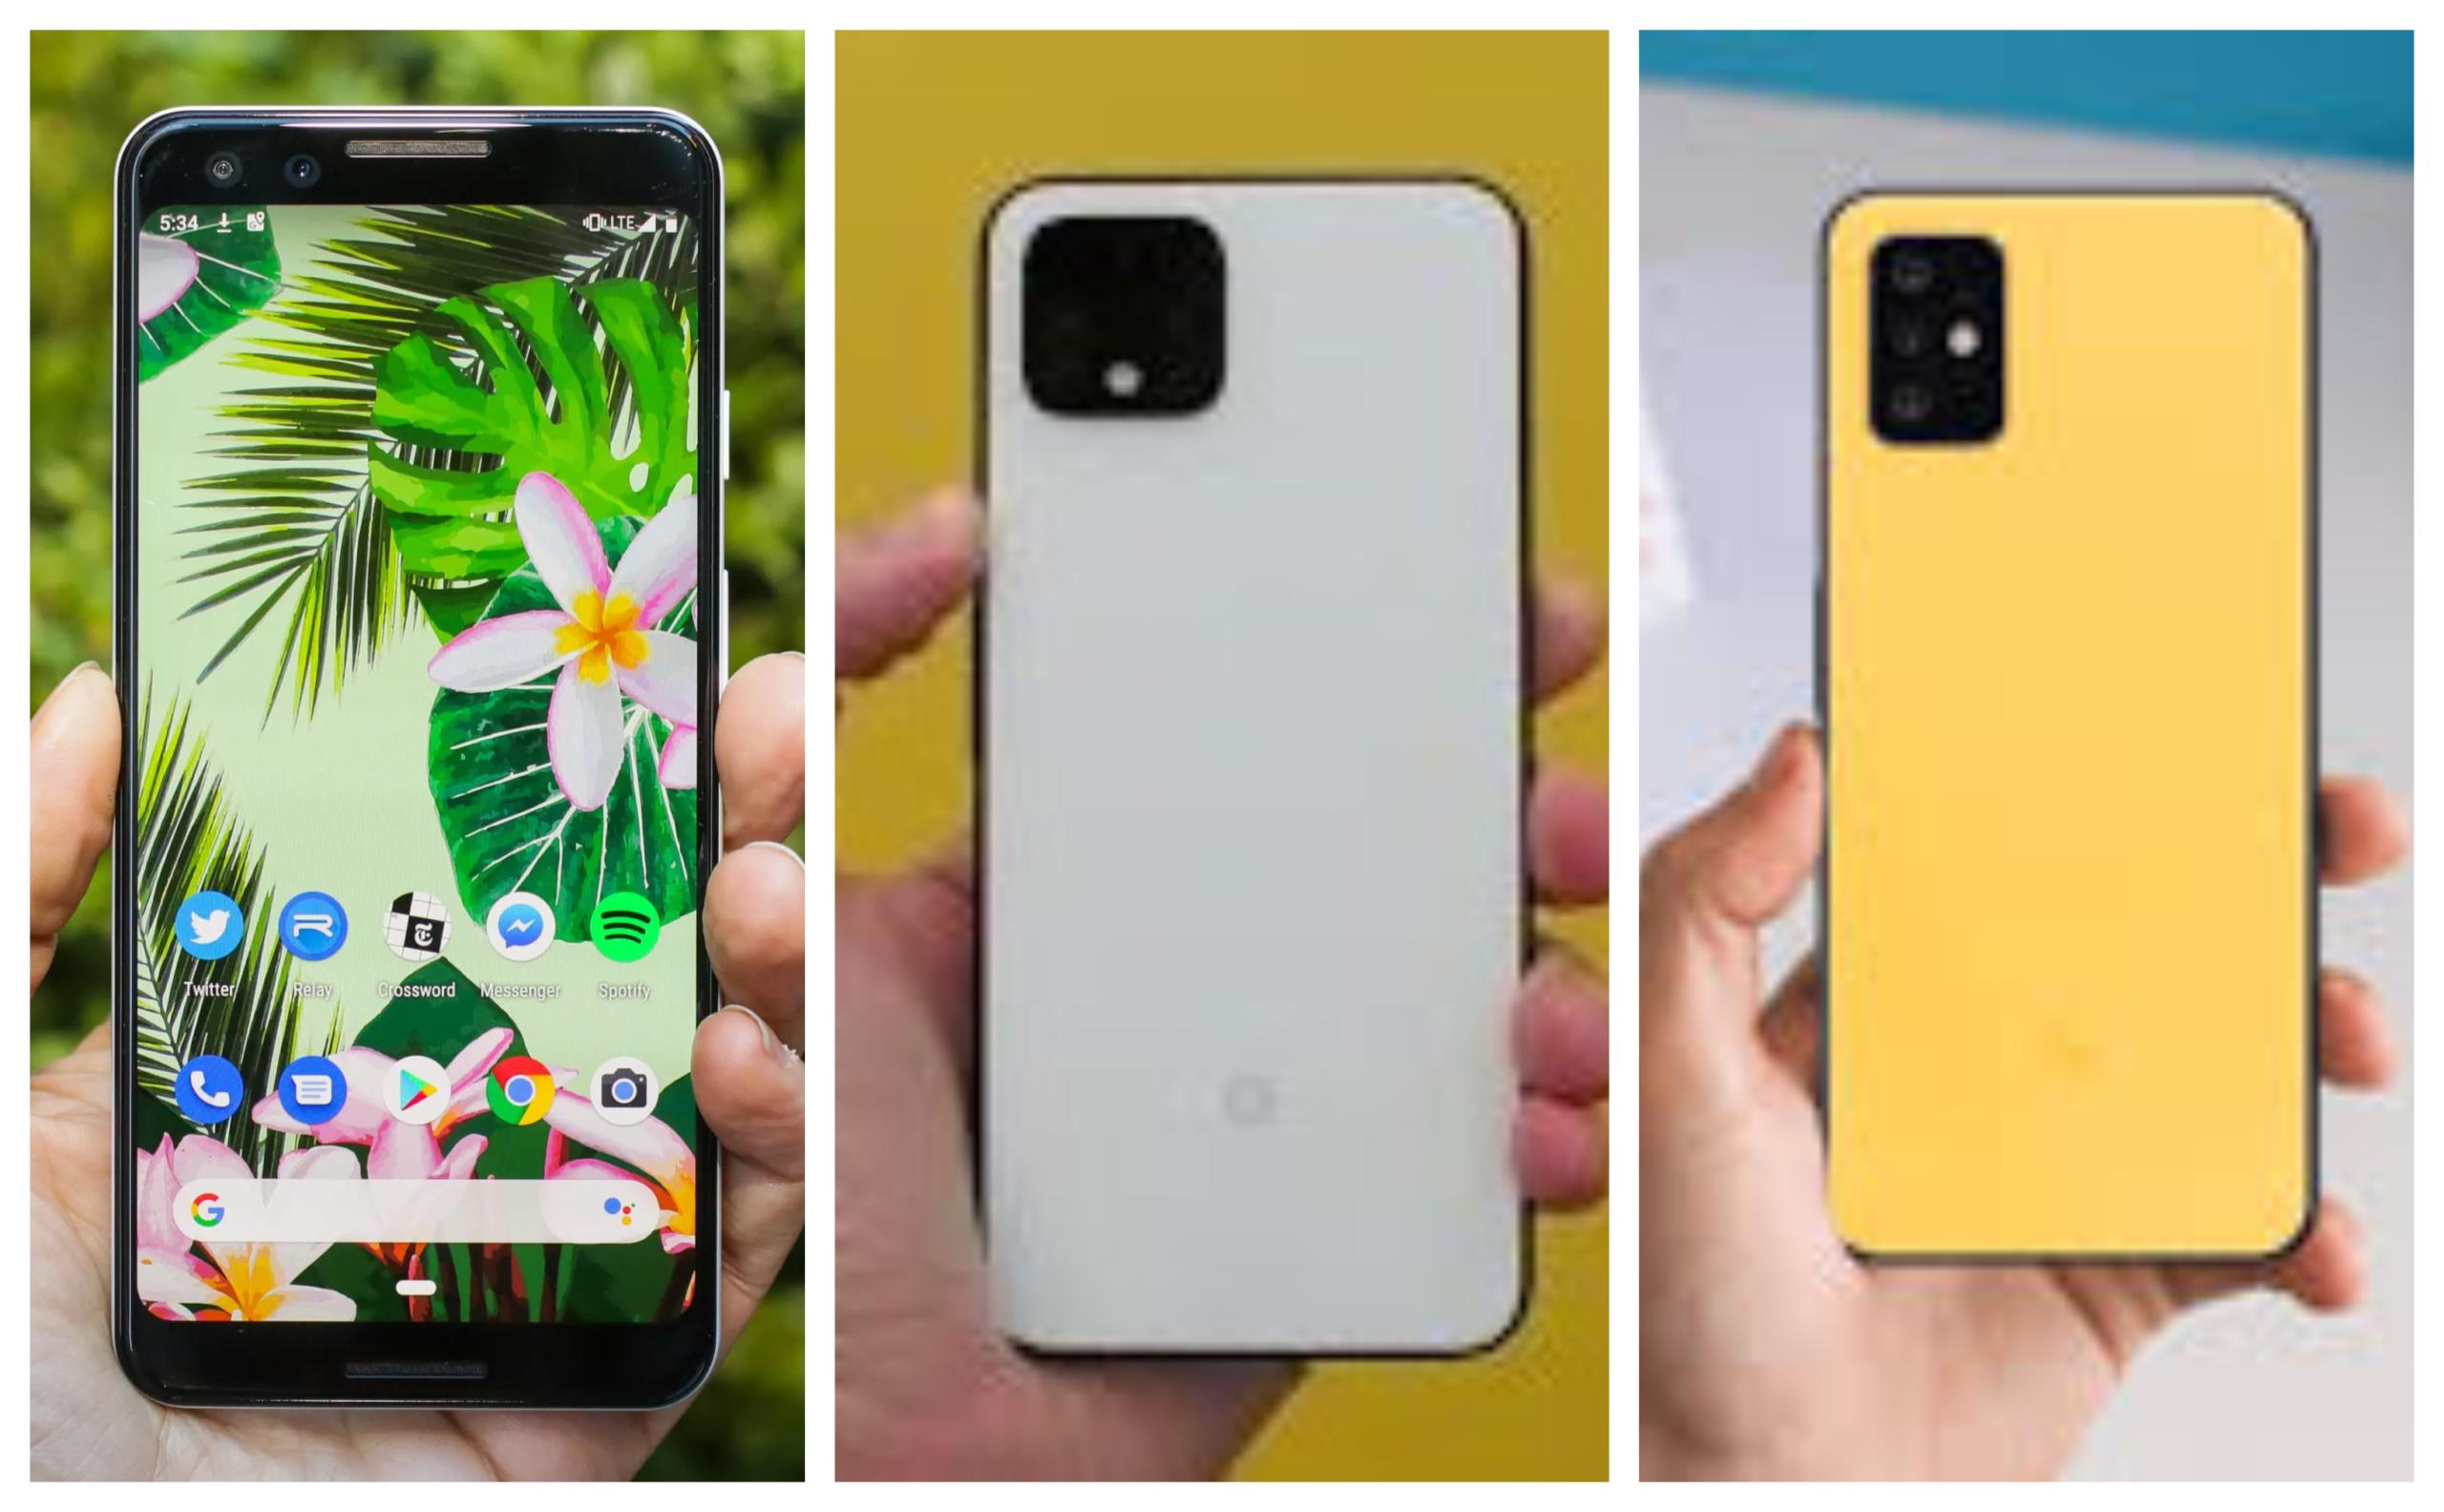 Google Pixel 3, Pixel 4, and Pixel 5 Camera Comparison